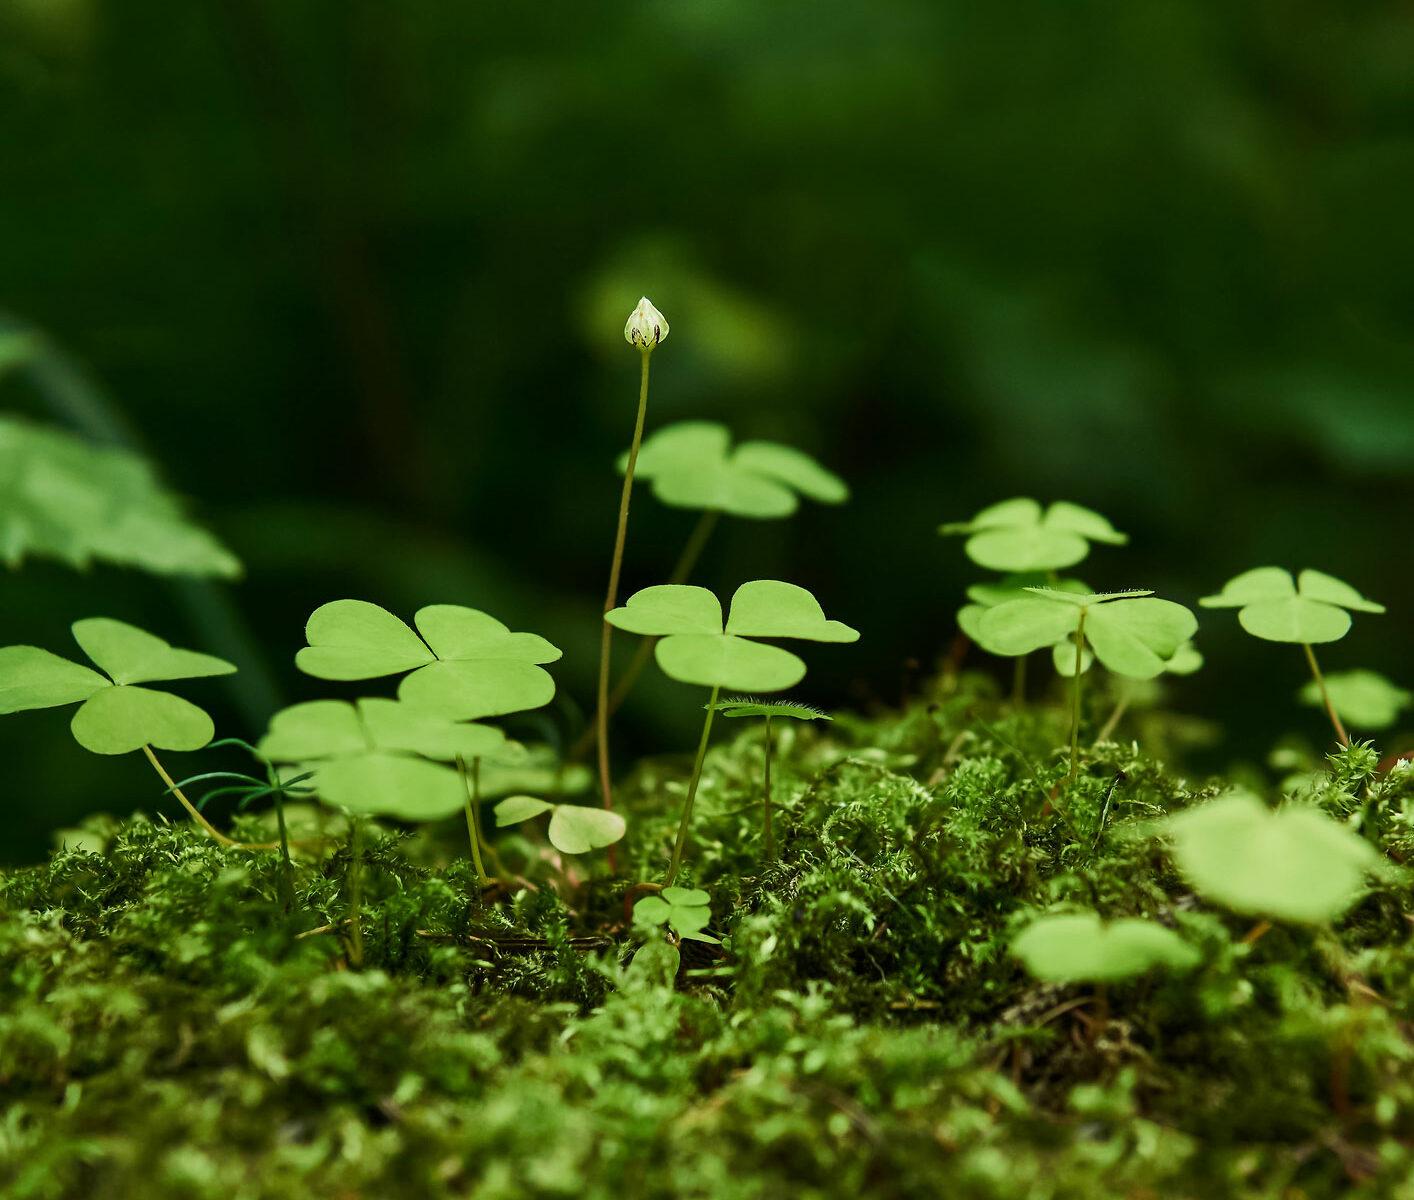 Ätbara växter, naturens skafferi, harsyra